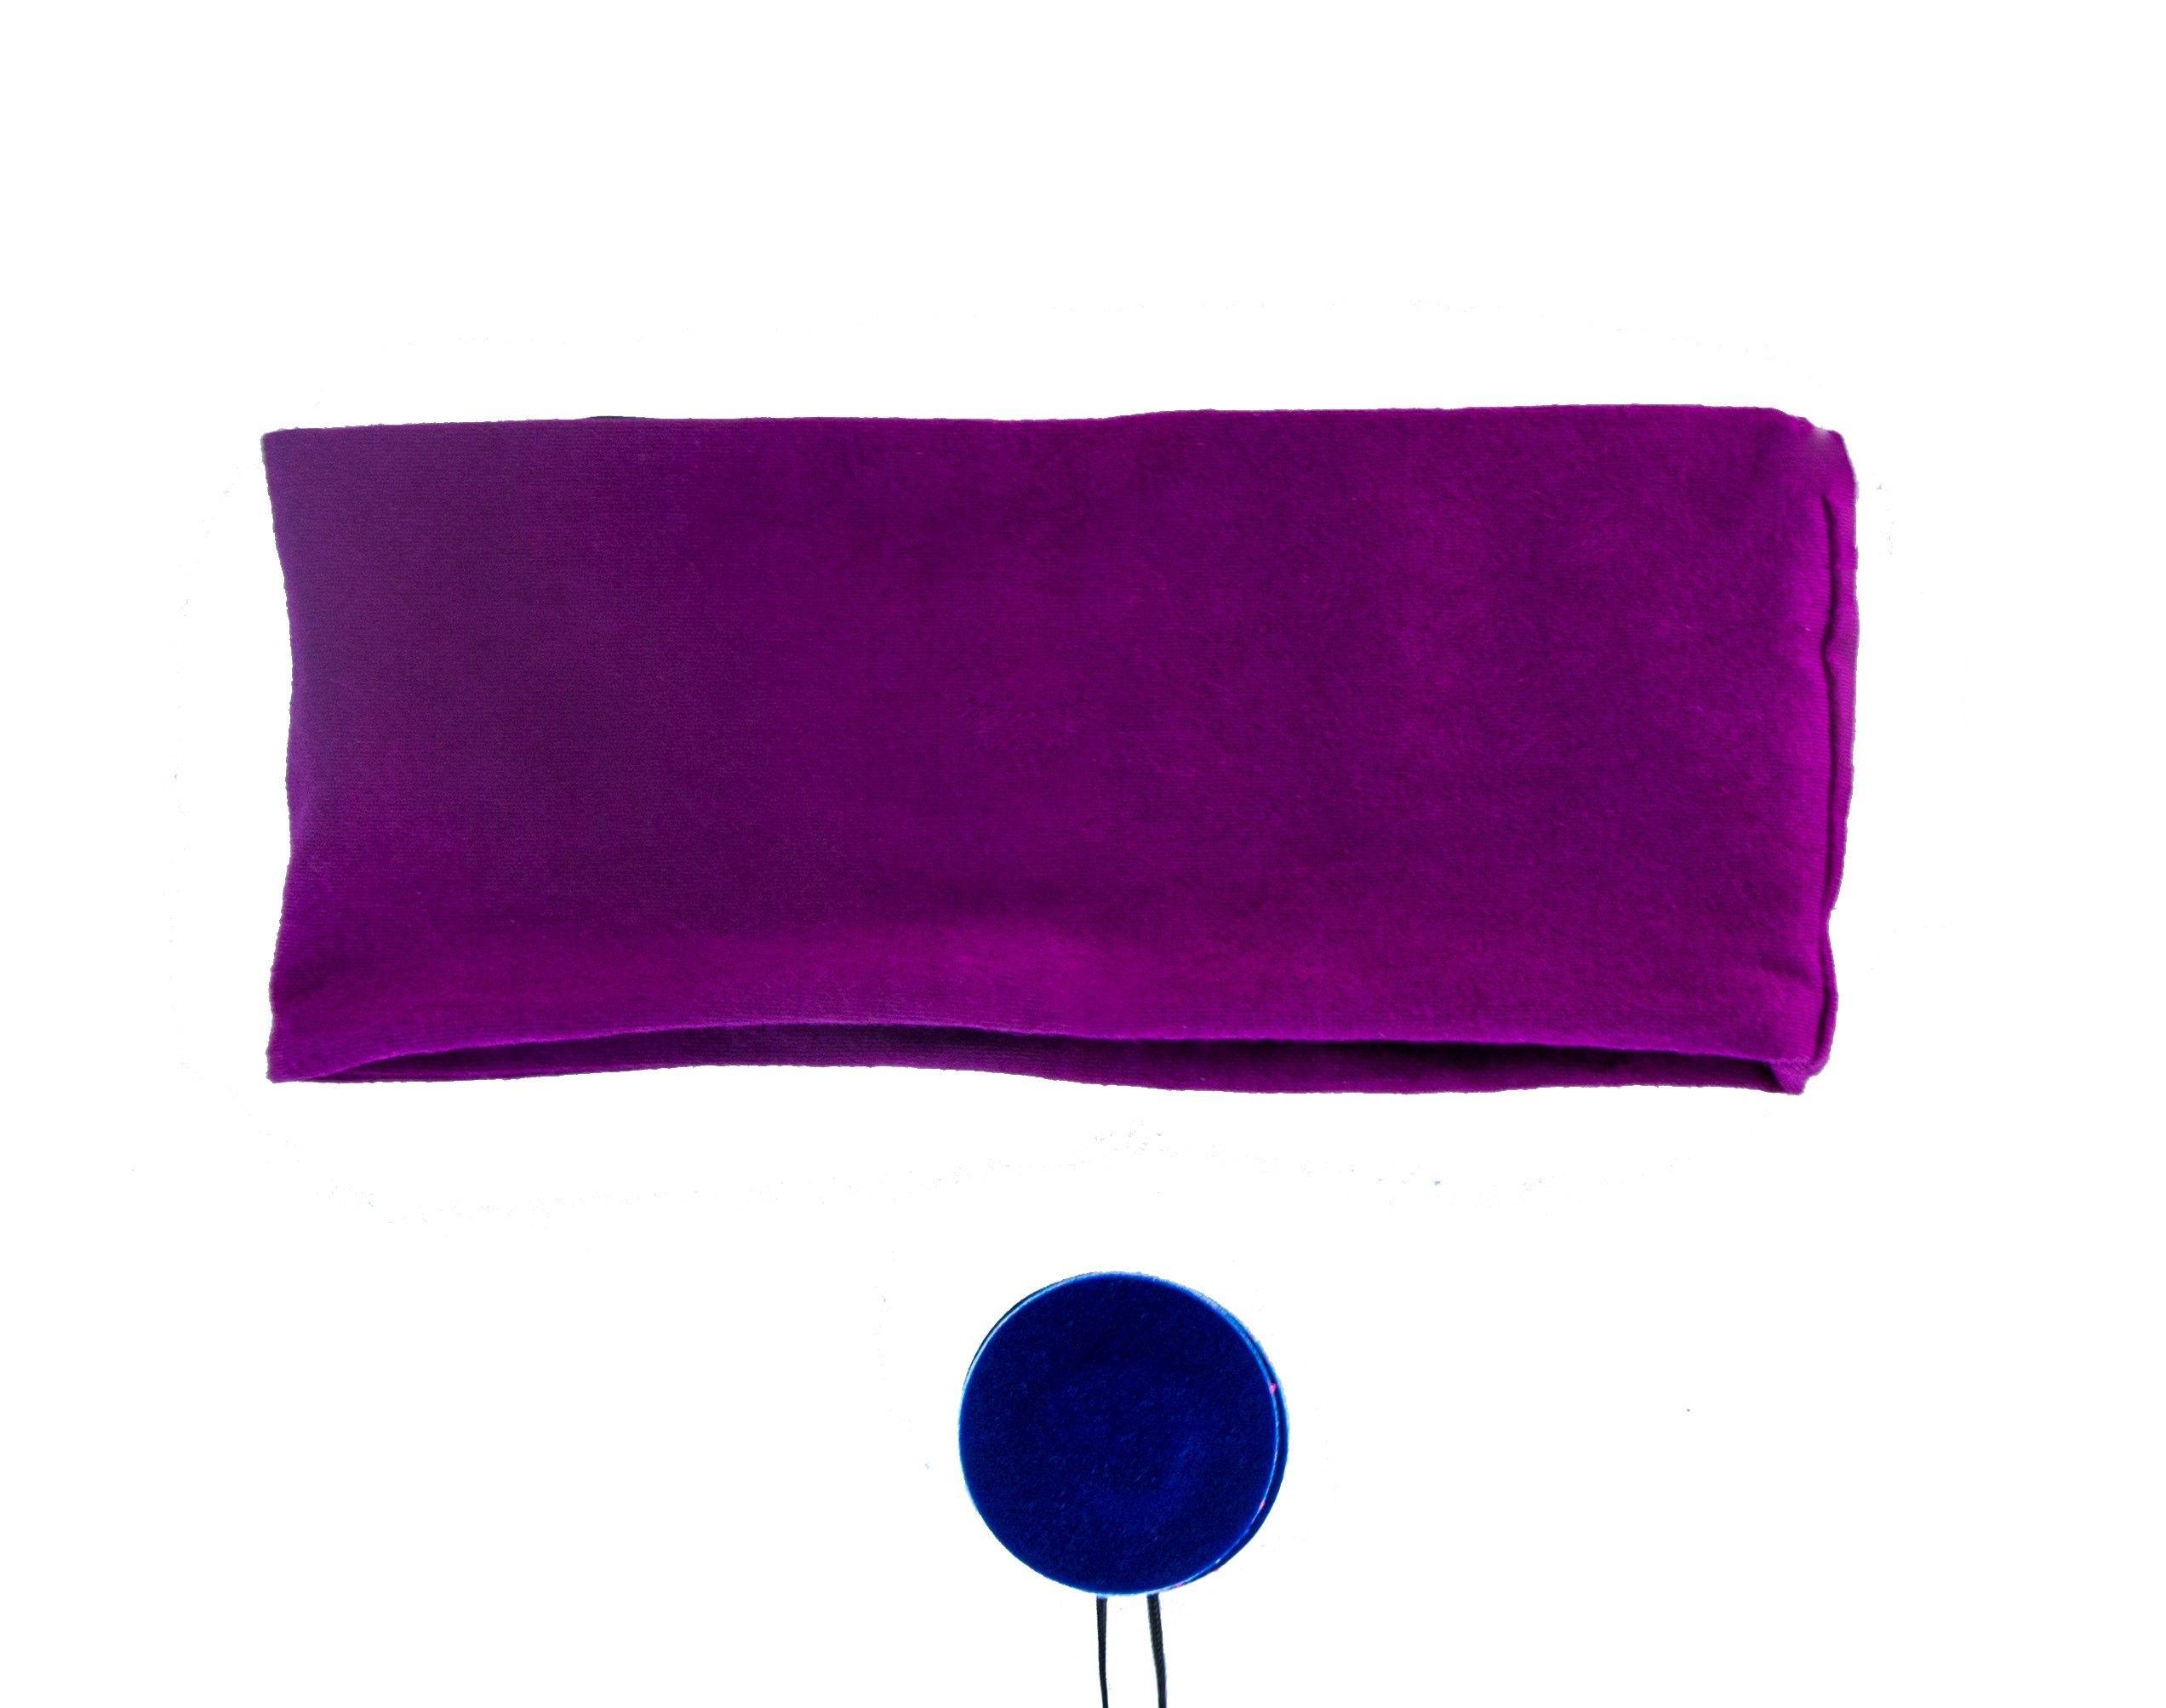 Zenbands Soft Pillows Headbands Pillows